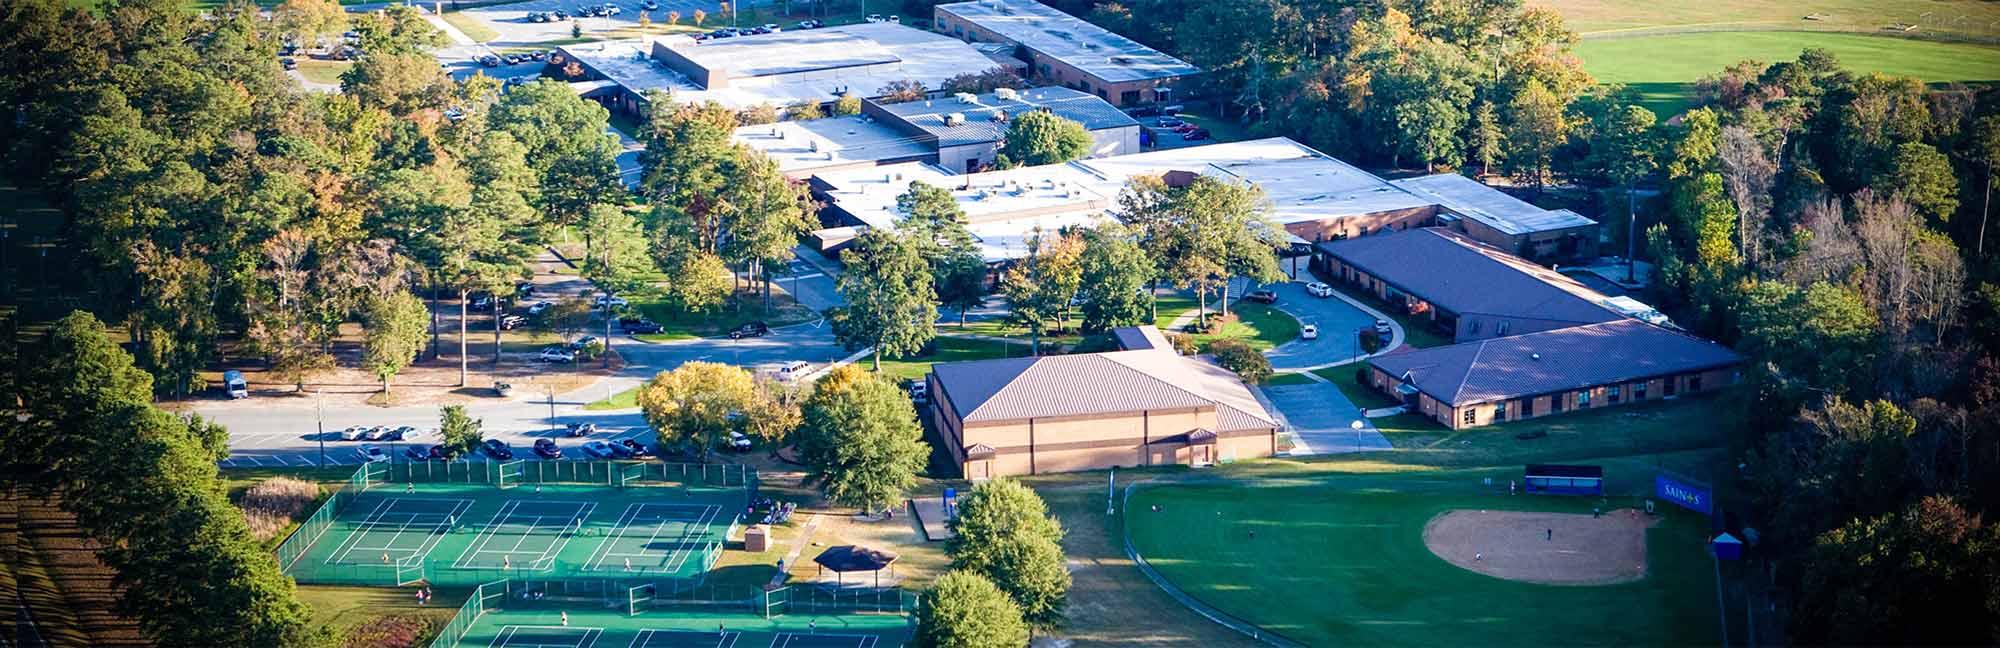 Nansemond-Suffolk Academy in Suffolk, VA - Niche